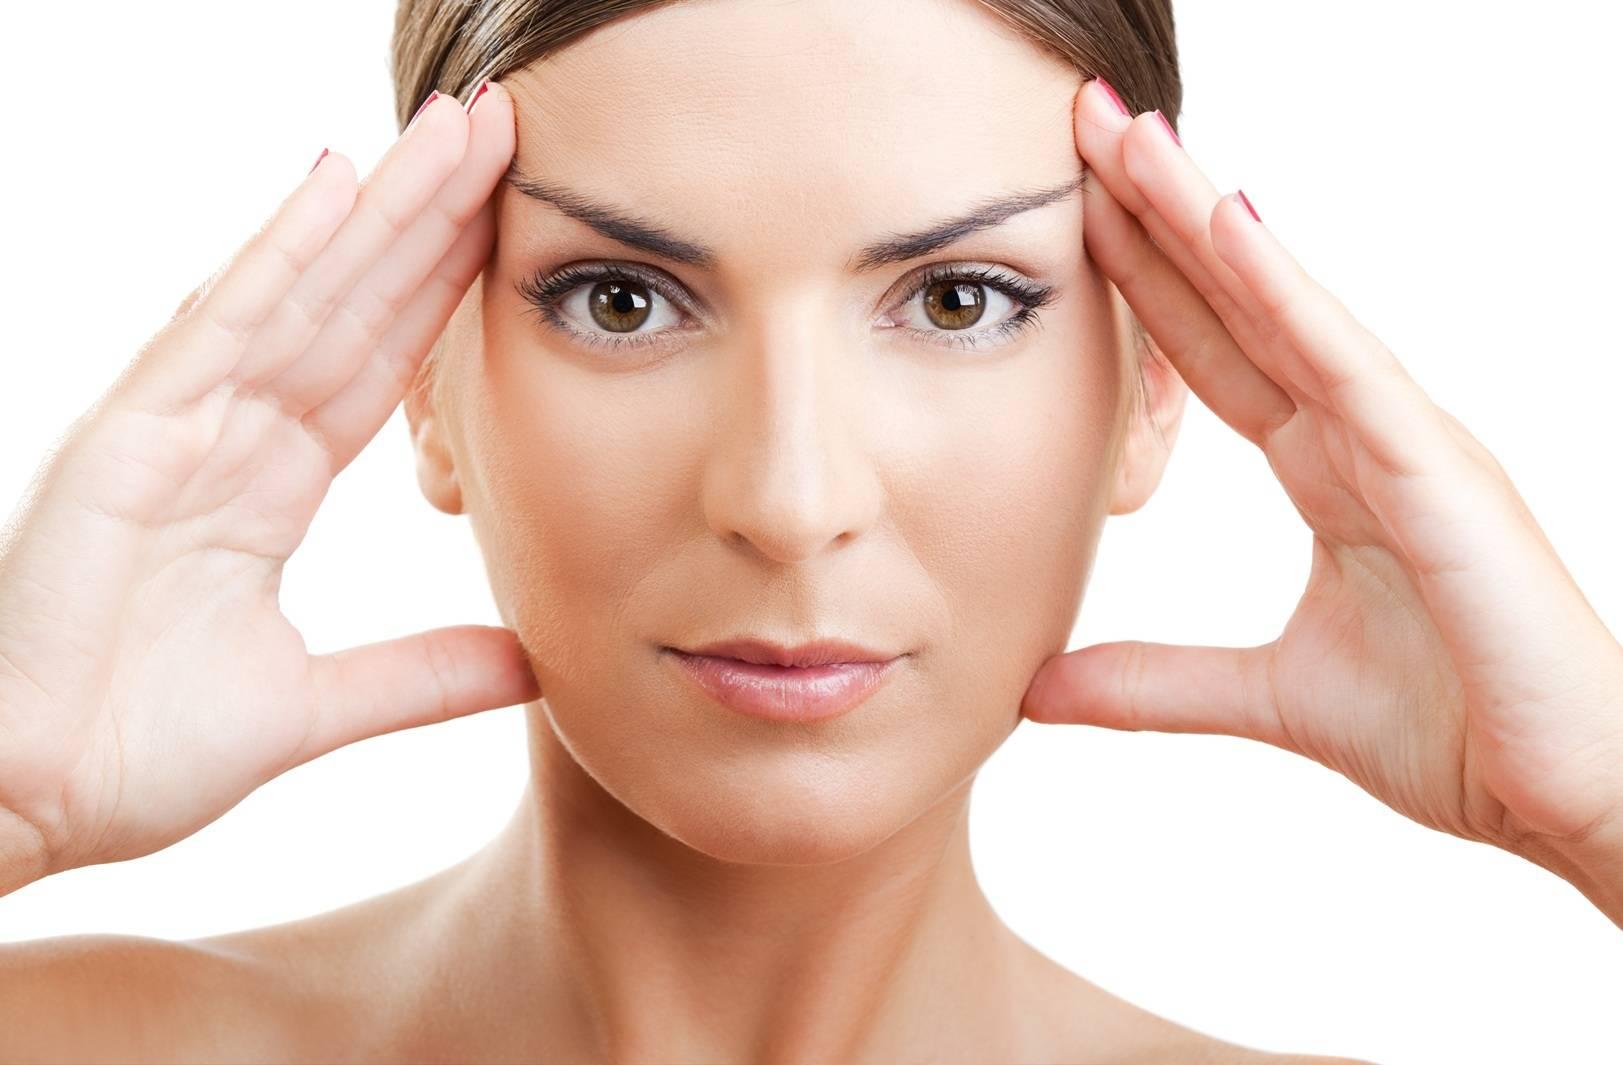 Как подтянуть овал лица: эффективные средства и процедуры